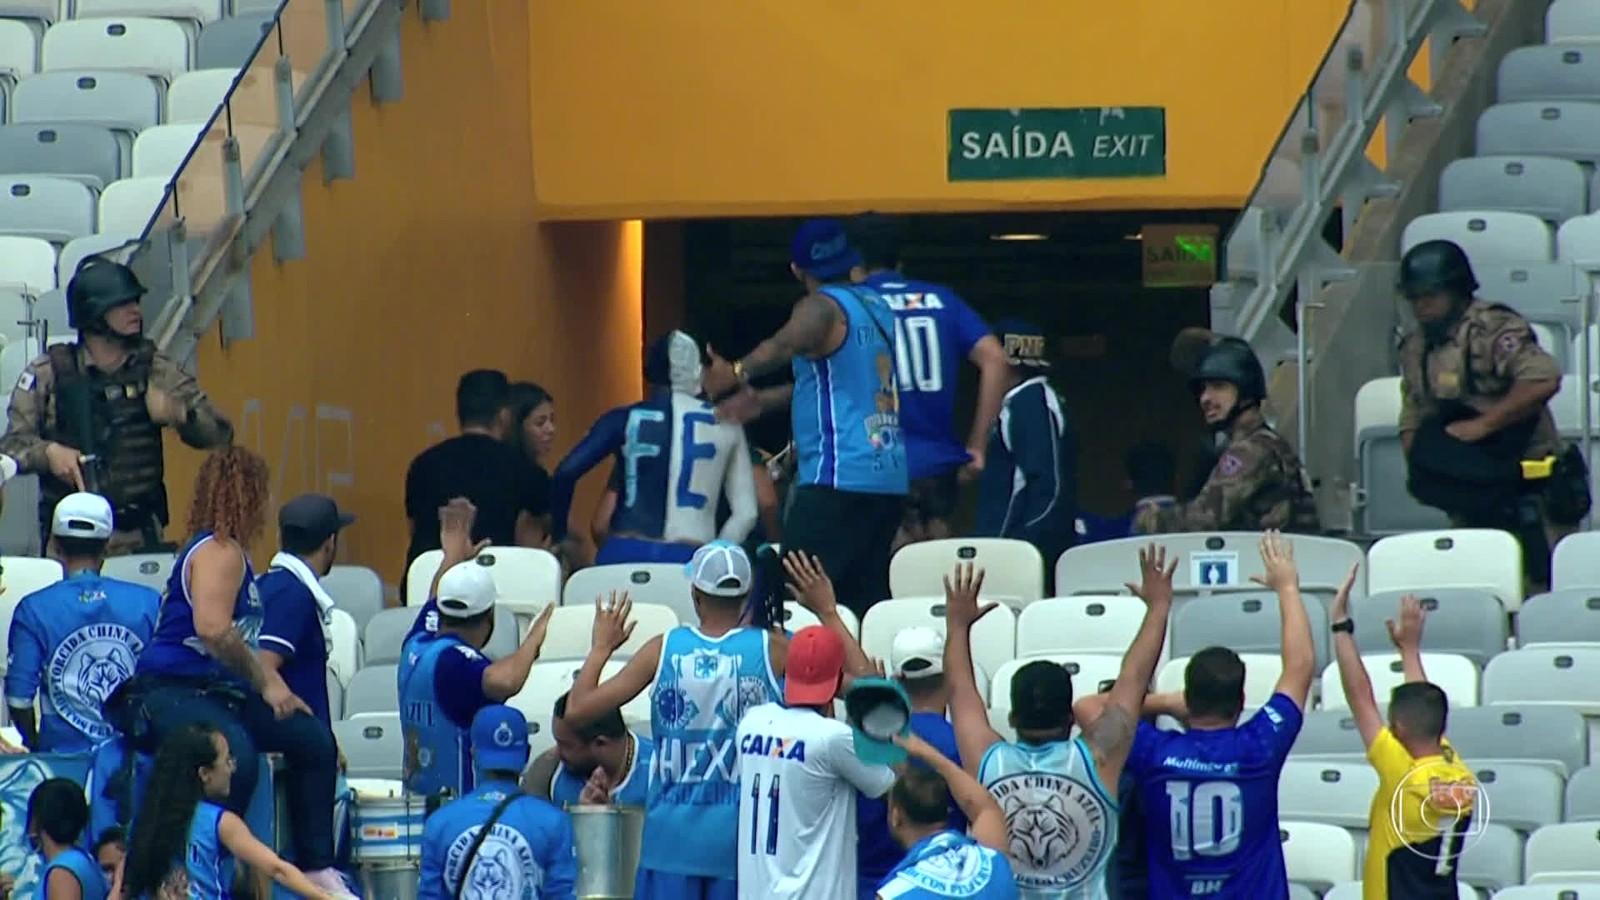 Torcida briga, arranca cadeira, invade campo e polícia usa bomba de gás em partida de Cruzeiro e Palmeiras